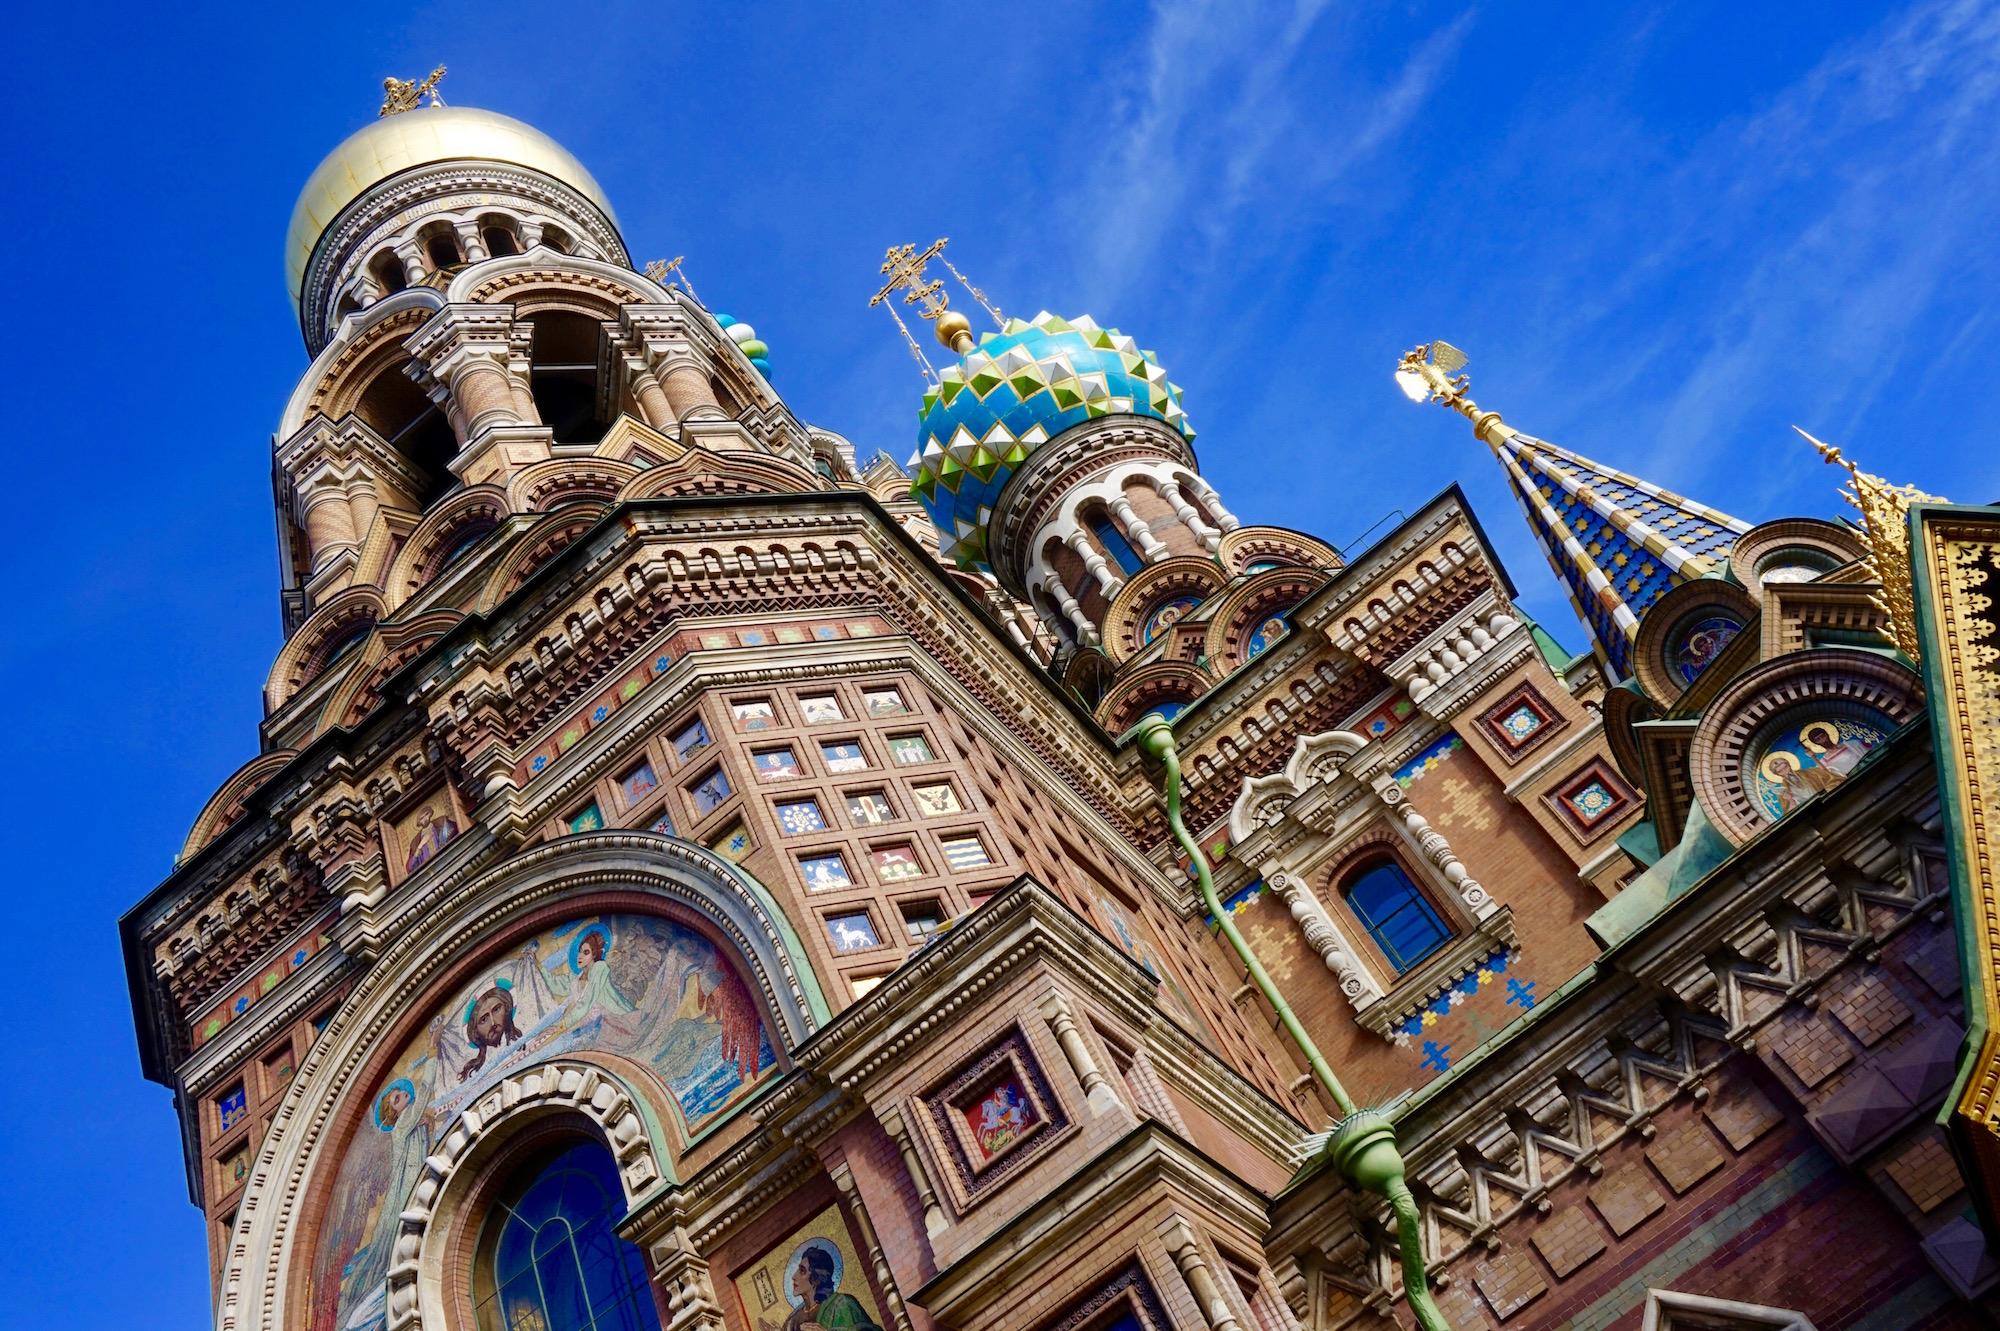 Cathedrale Saint-Sauveur sur le sang verse Saint-Petersbourg - Russie